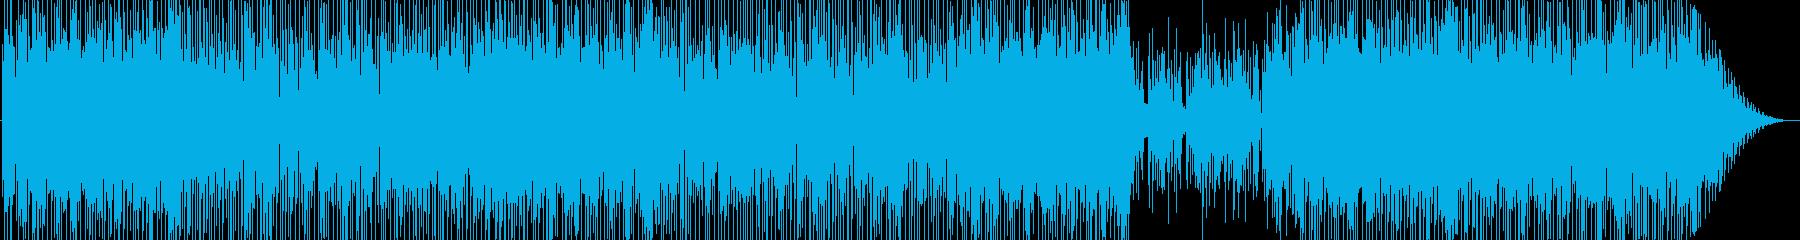 和楽器によるポップなEDM・ヒップホップの再生済みの波形